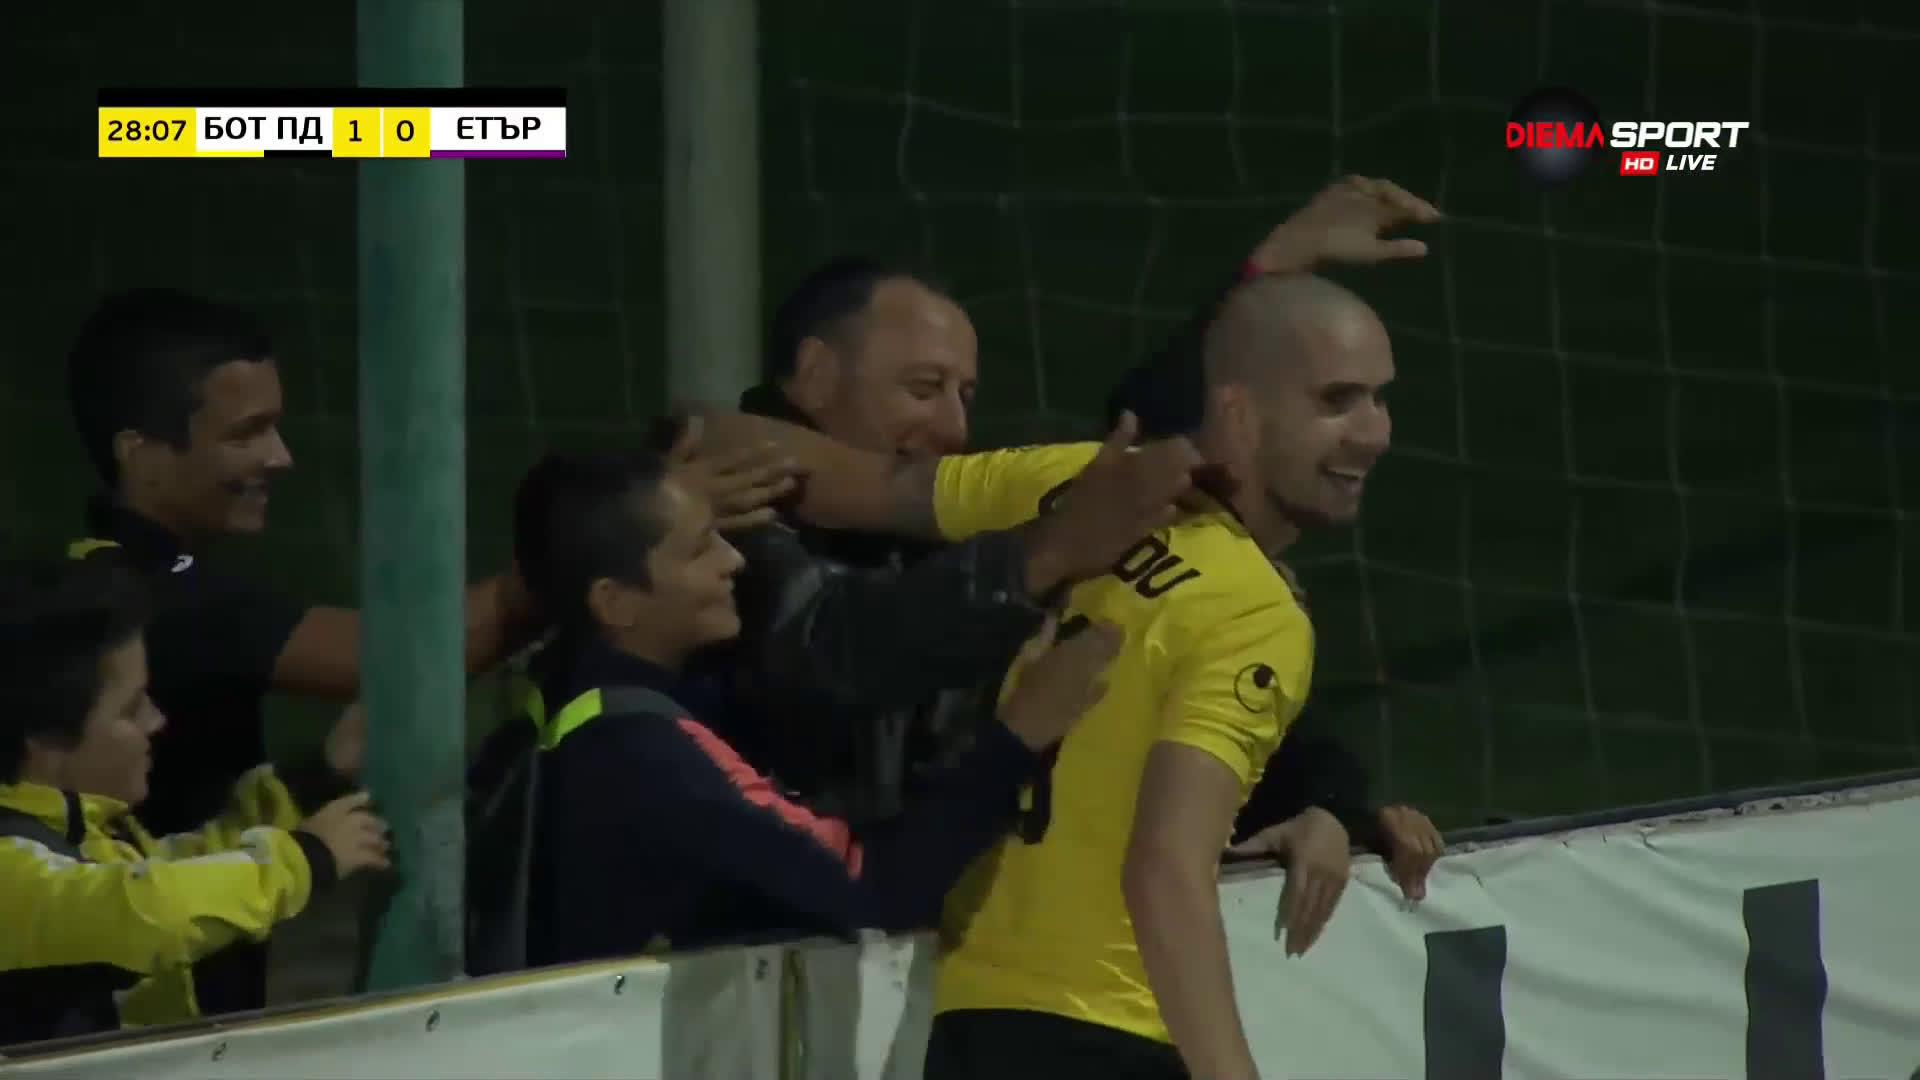 Ботев Пловдив - Етър 1:0 /първо полувреме/